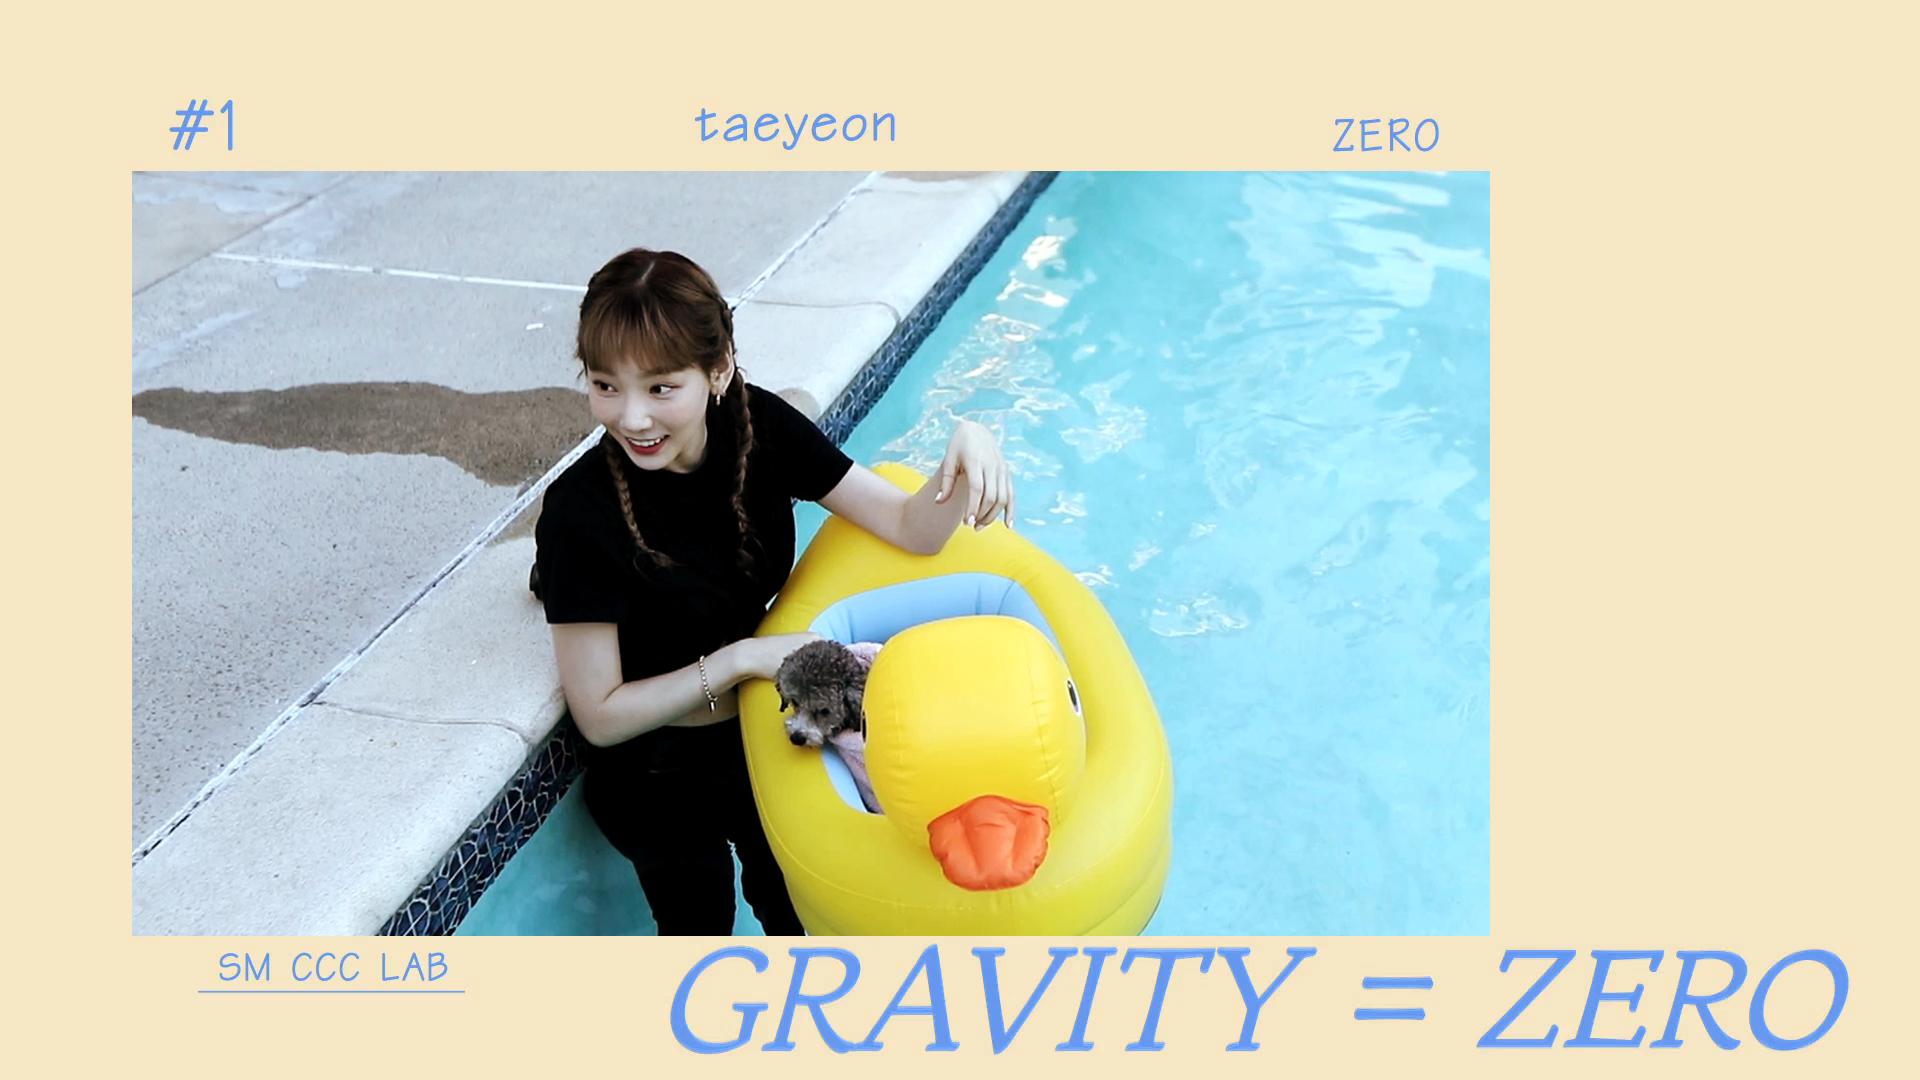 [펫셔니스타 탱구┃Petionista Taengoo] EP.01 Gravity=ZERO